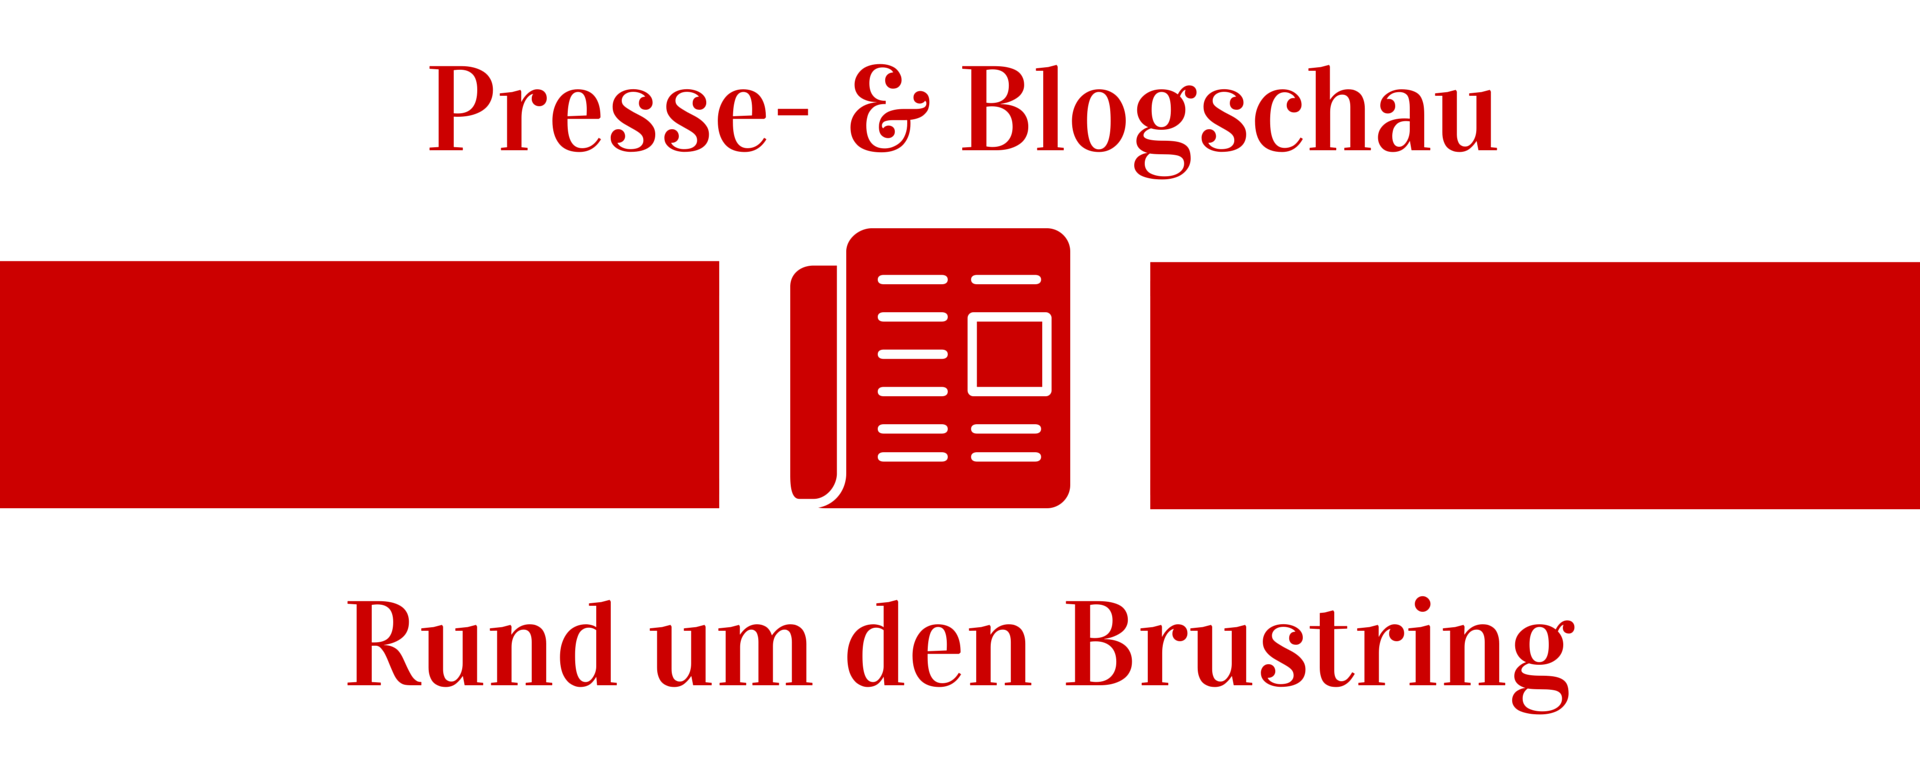 Jena im Pokal, Köln vor der Brust – Rund um den Brustring am Samstag, 15. August 2015